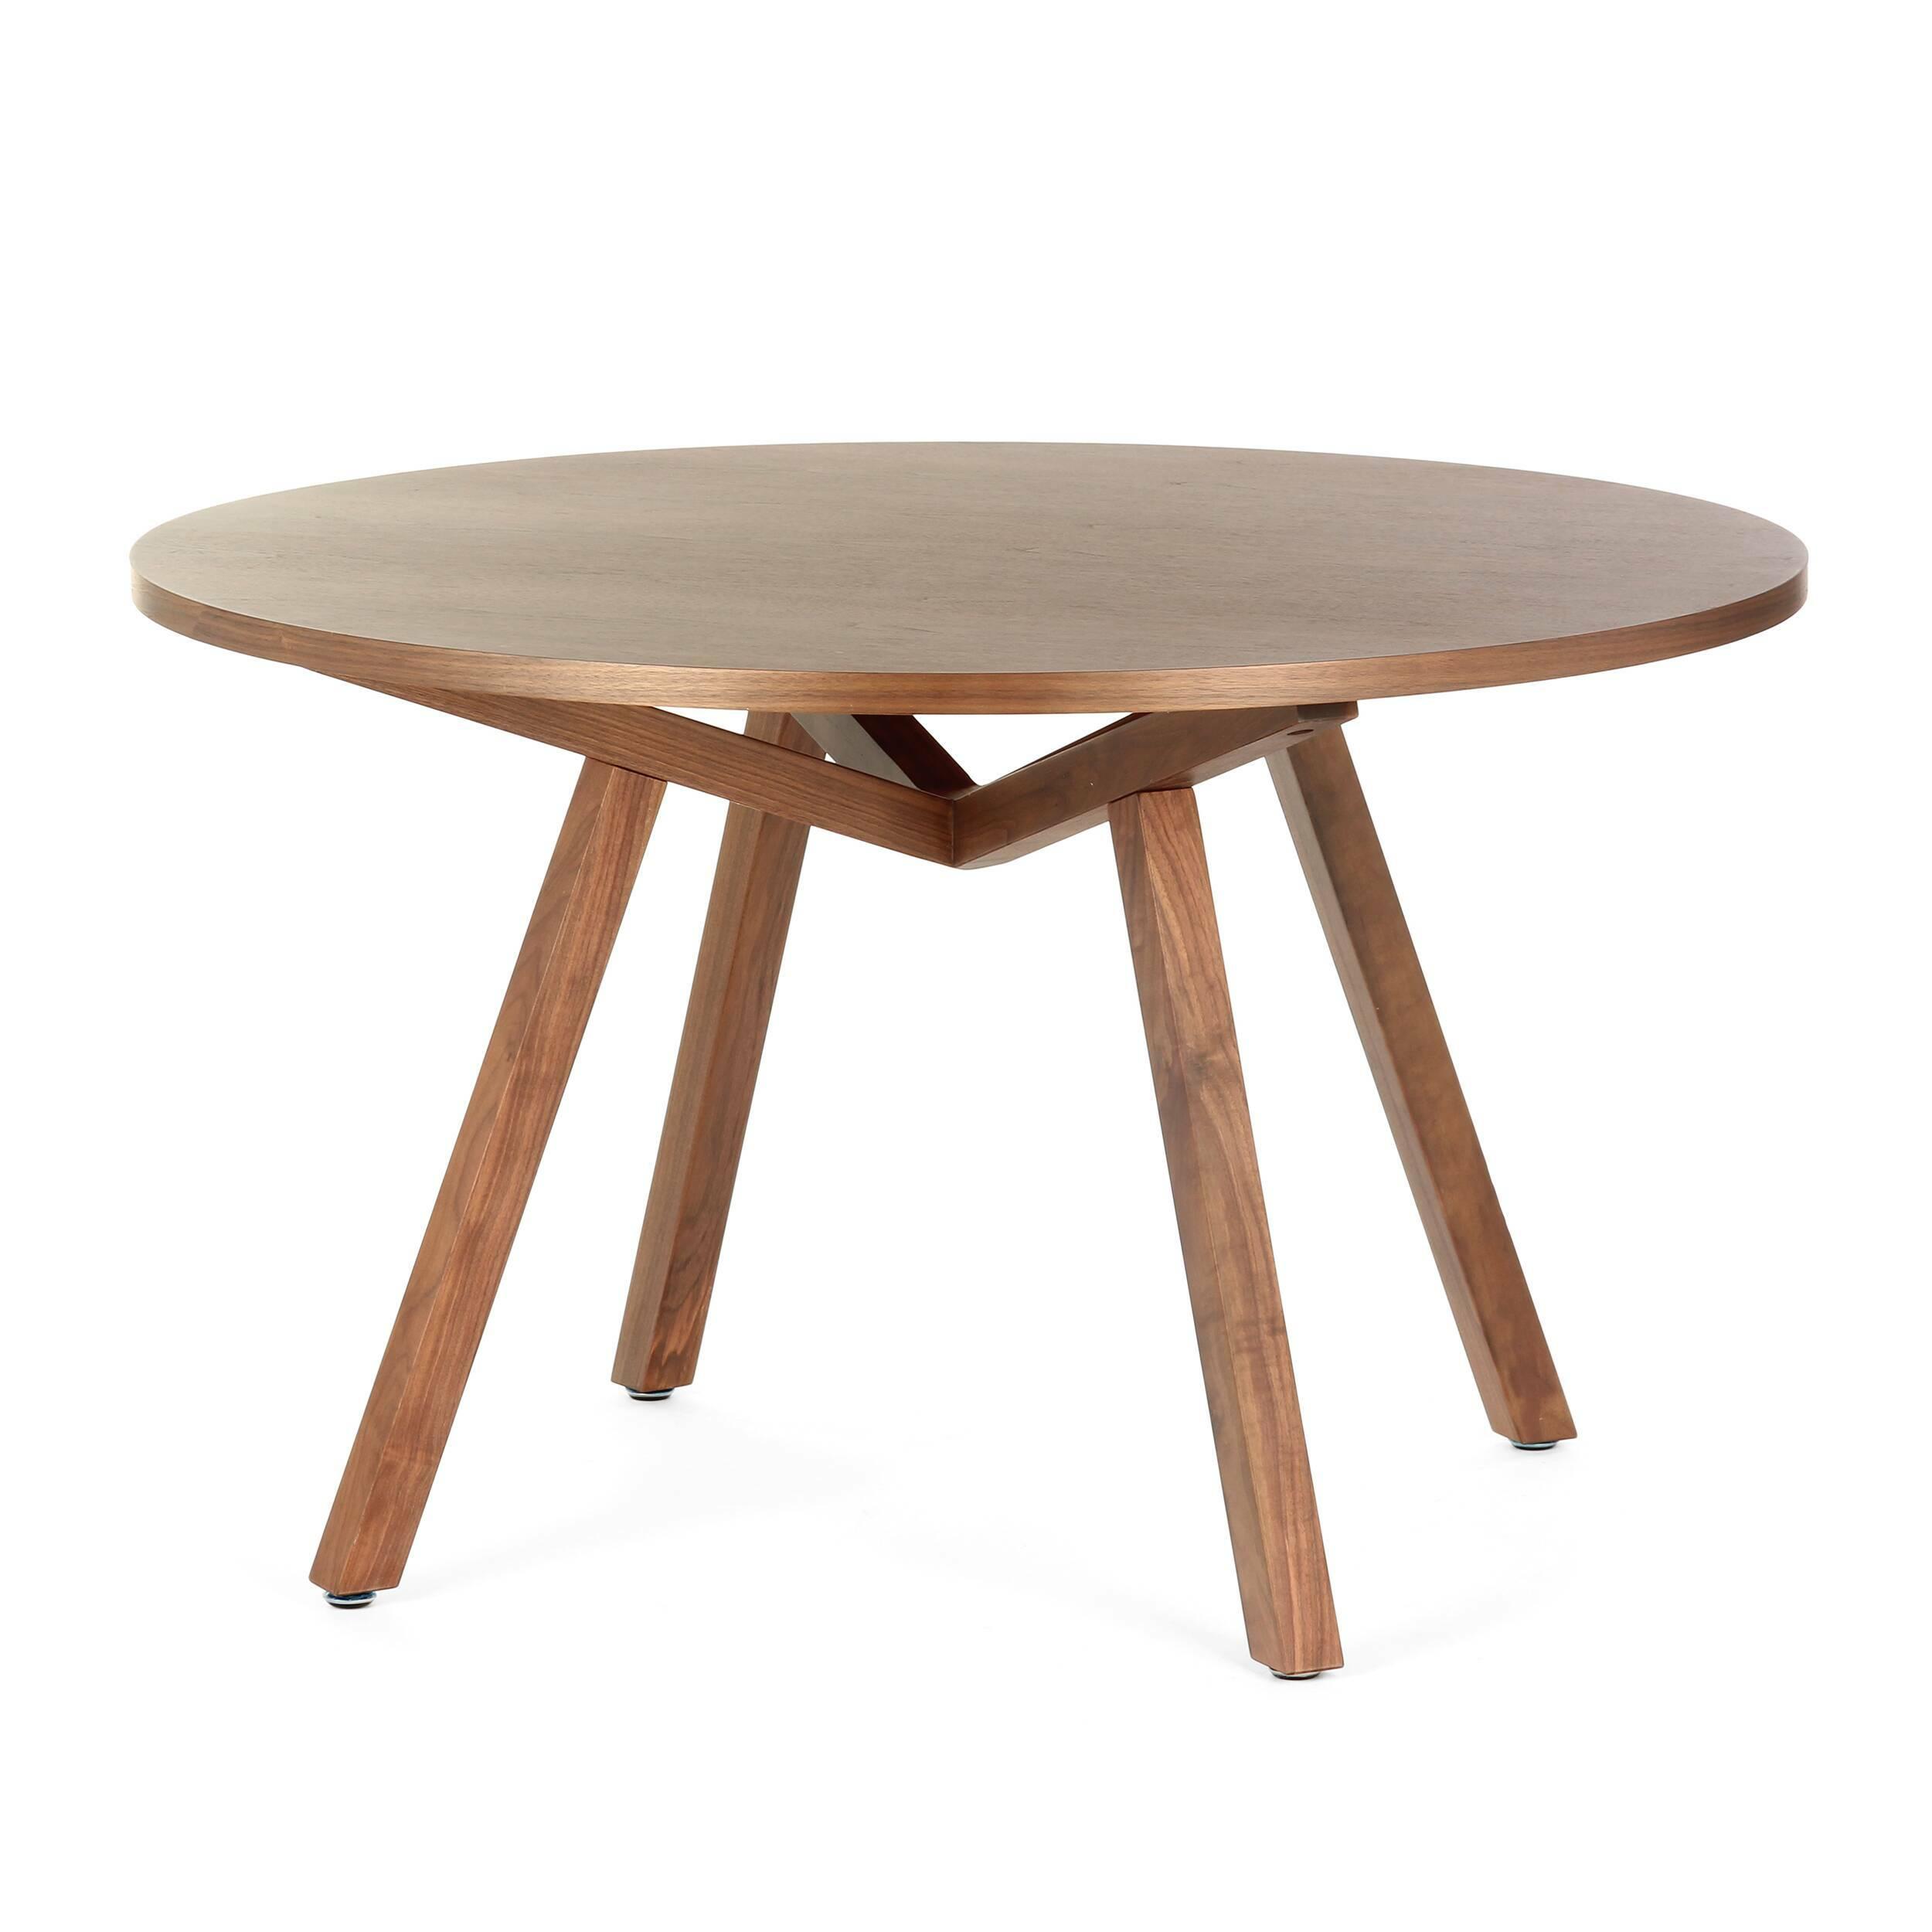 Обеденный стол Forte круглыйОбеденные<br>Дизайнерская круглый обеденный стол Forte (Форте) натурального цвета из дерева на четырех ножках от Cosmo (Космо).<br>         Американский дизайнер, путешественник и человек мира Шон Дикс успел пожить на Фиджи, в Микронезии и на Филиппинах, перед тем как переехать в Сан-Диего, Чикаго, а затем Европу и Гонконг. Его студии — в Милане и Гонконге, а среди его знаменитых клиентов Moschino, Harrods, Bosco di Ciliegi и La Scala. Что же привлекает их всех? Секрет Шона прост: он делает мебель, которая ...<br><br>stock: 2<br>Высота: 74<br>Диаметр: 120<br>Цвет ножек: Орех американский<br>Цвет столешницы: Орех американский<br>Материал ножек: Массив ореха<br>Материал столешницы: Фанера, шпон ореха<br>Тип материала столешницы: Фанера<br>Тип материала ножек: Дерево